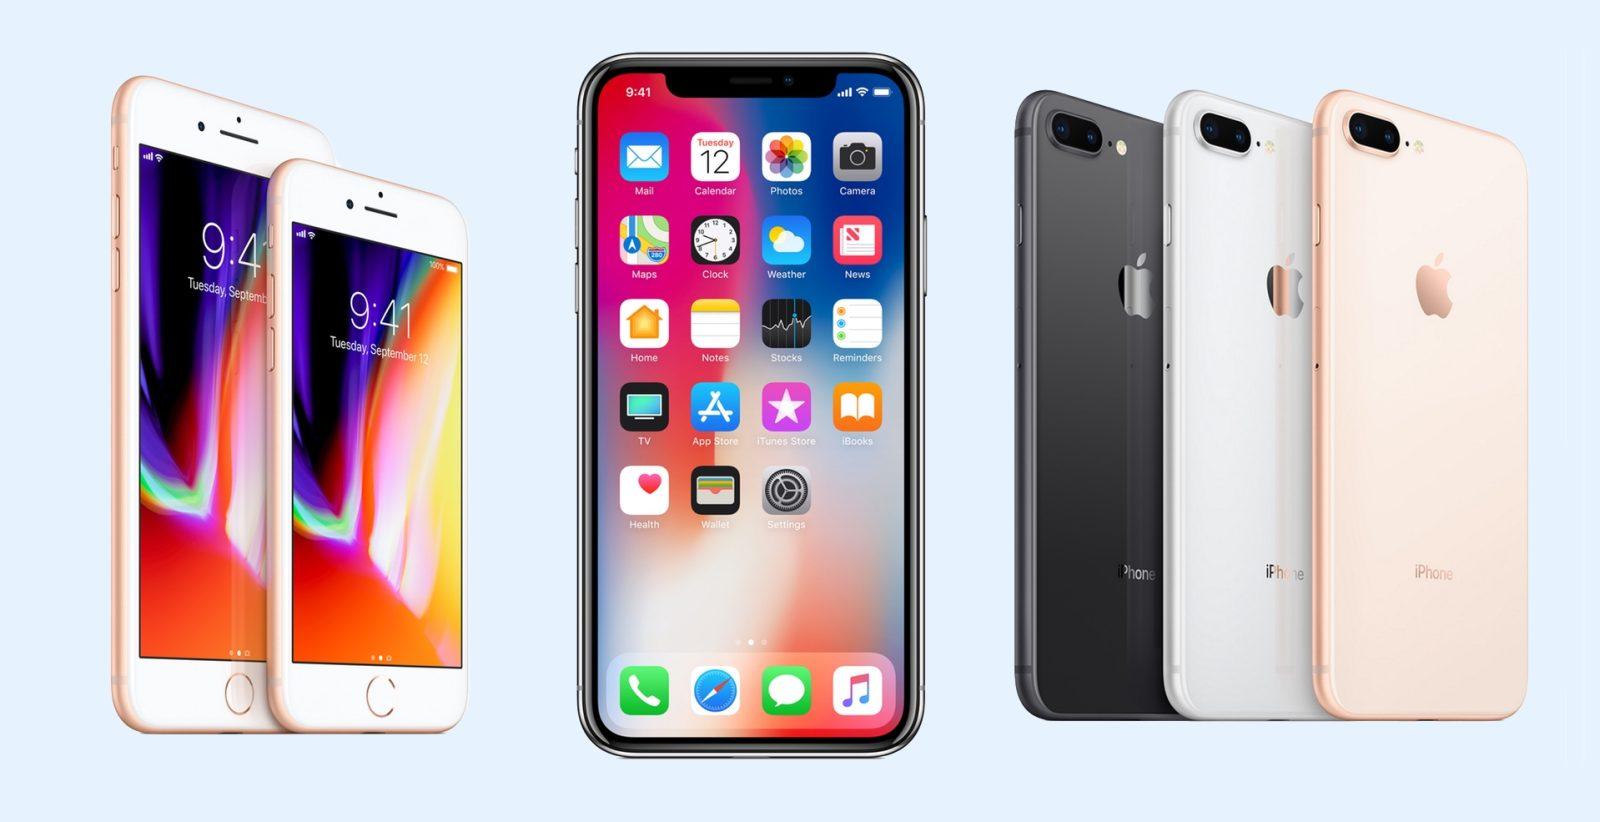 iPhone X thieu hang tram trong